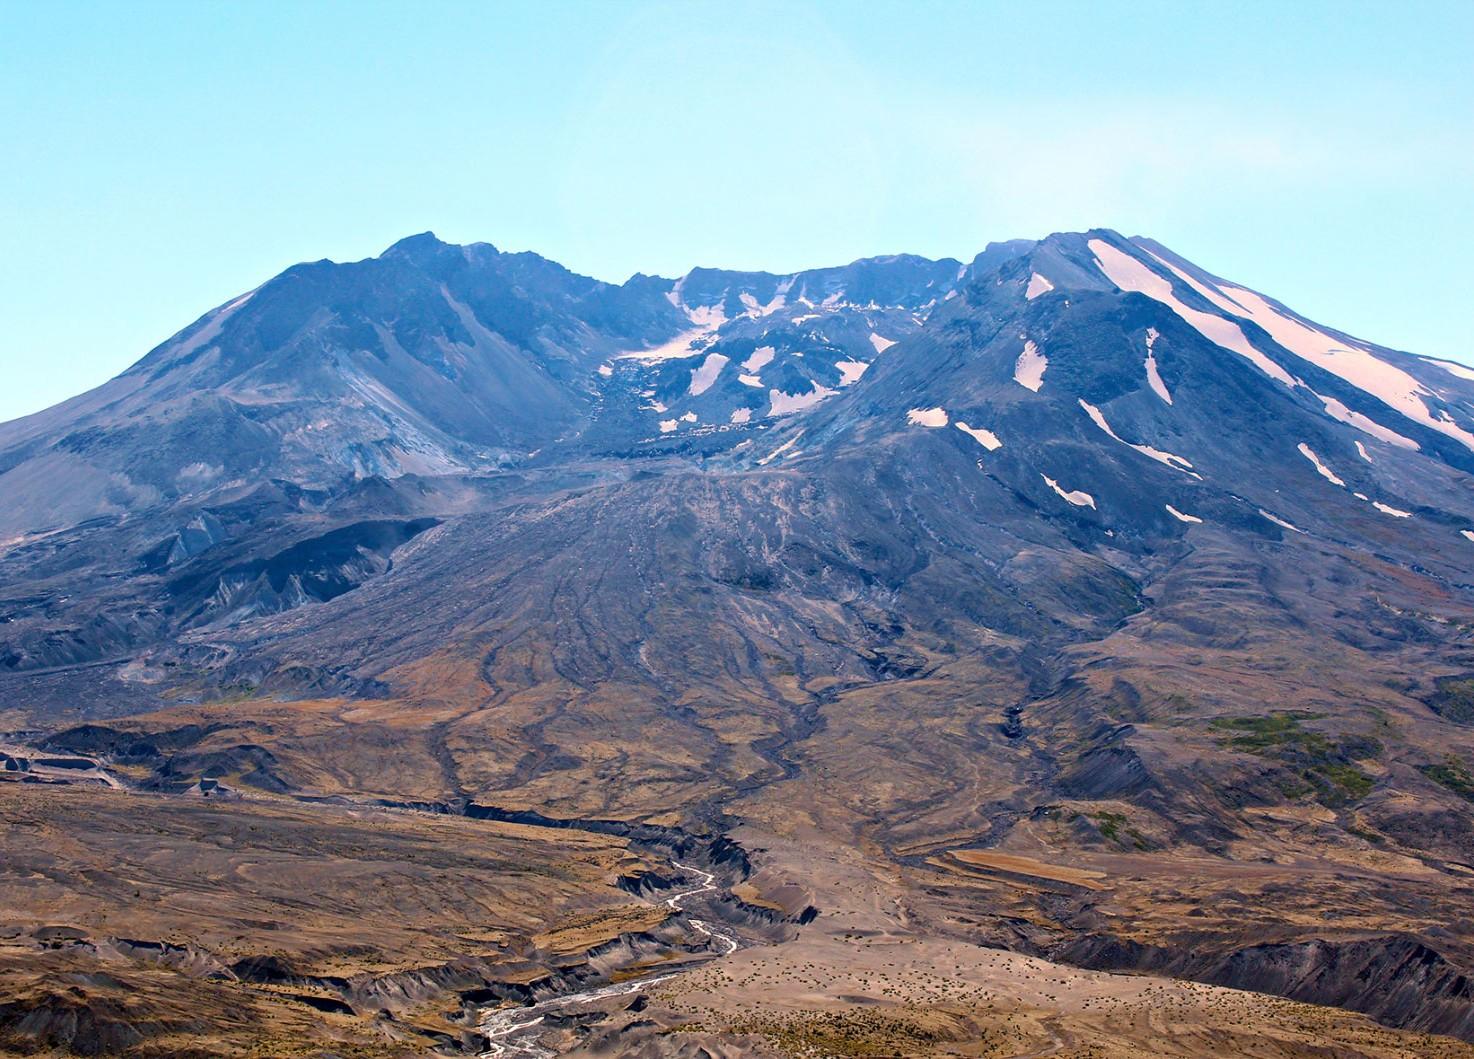 11976-mt-st-helens-after-eruption